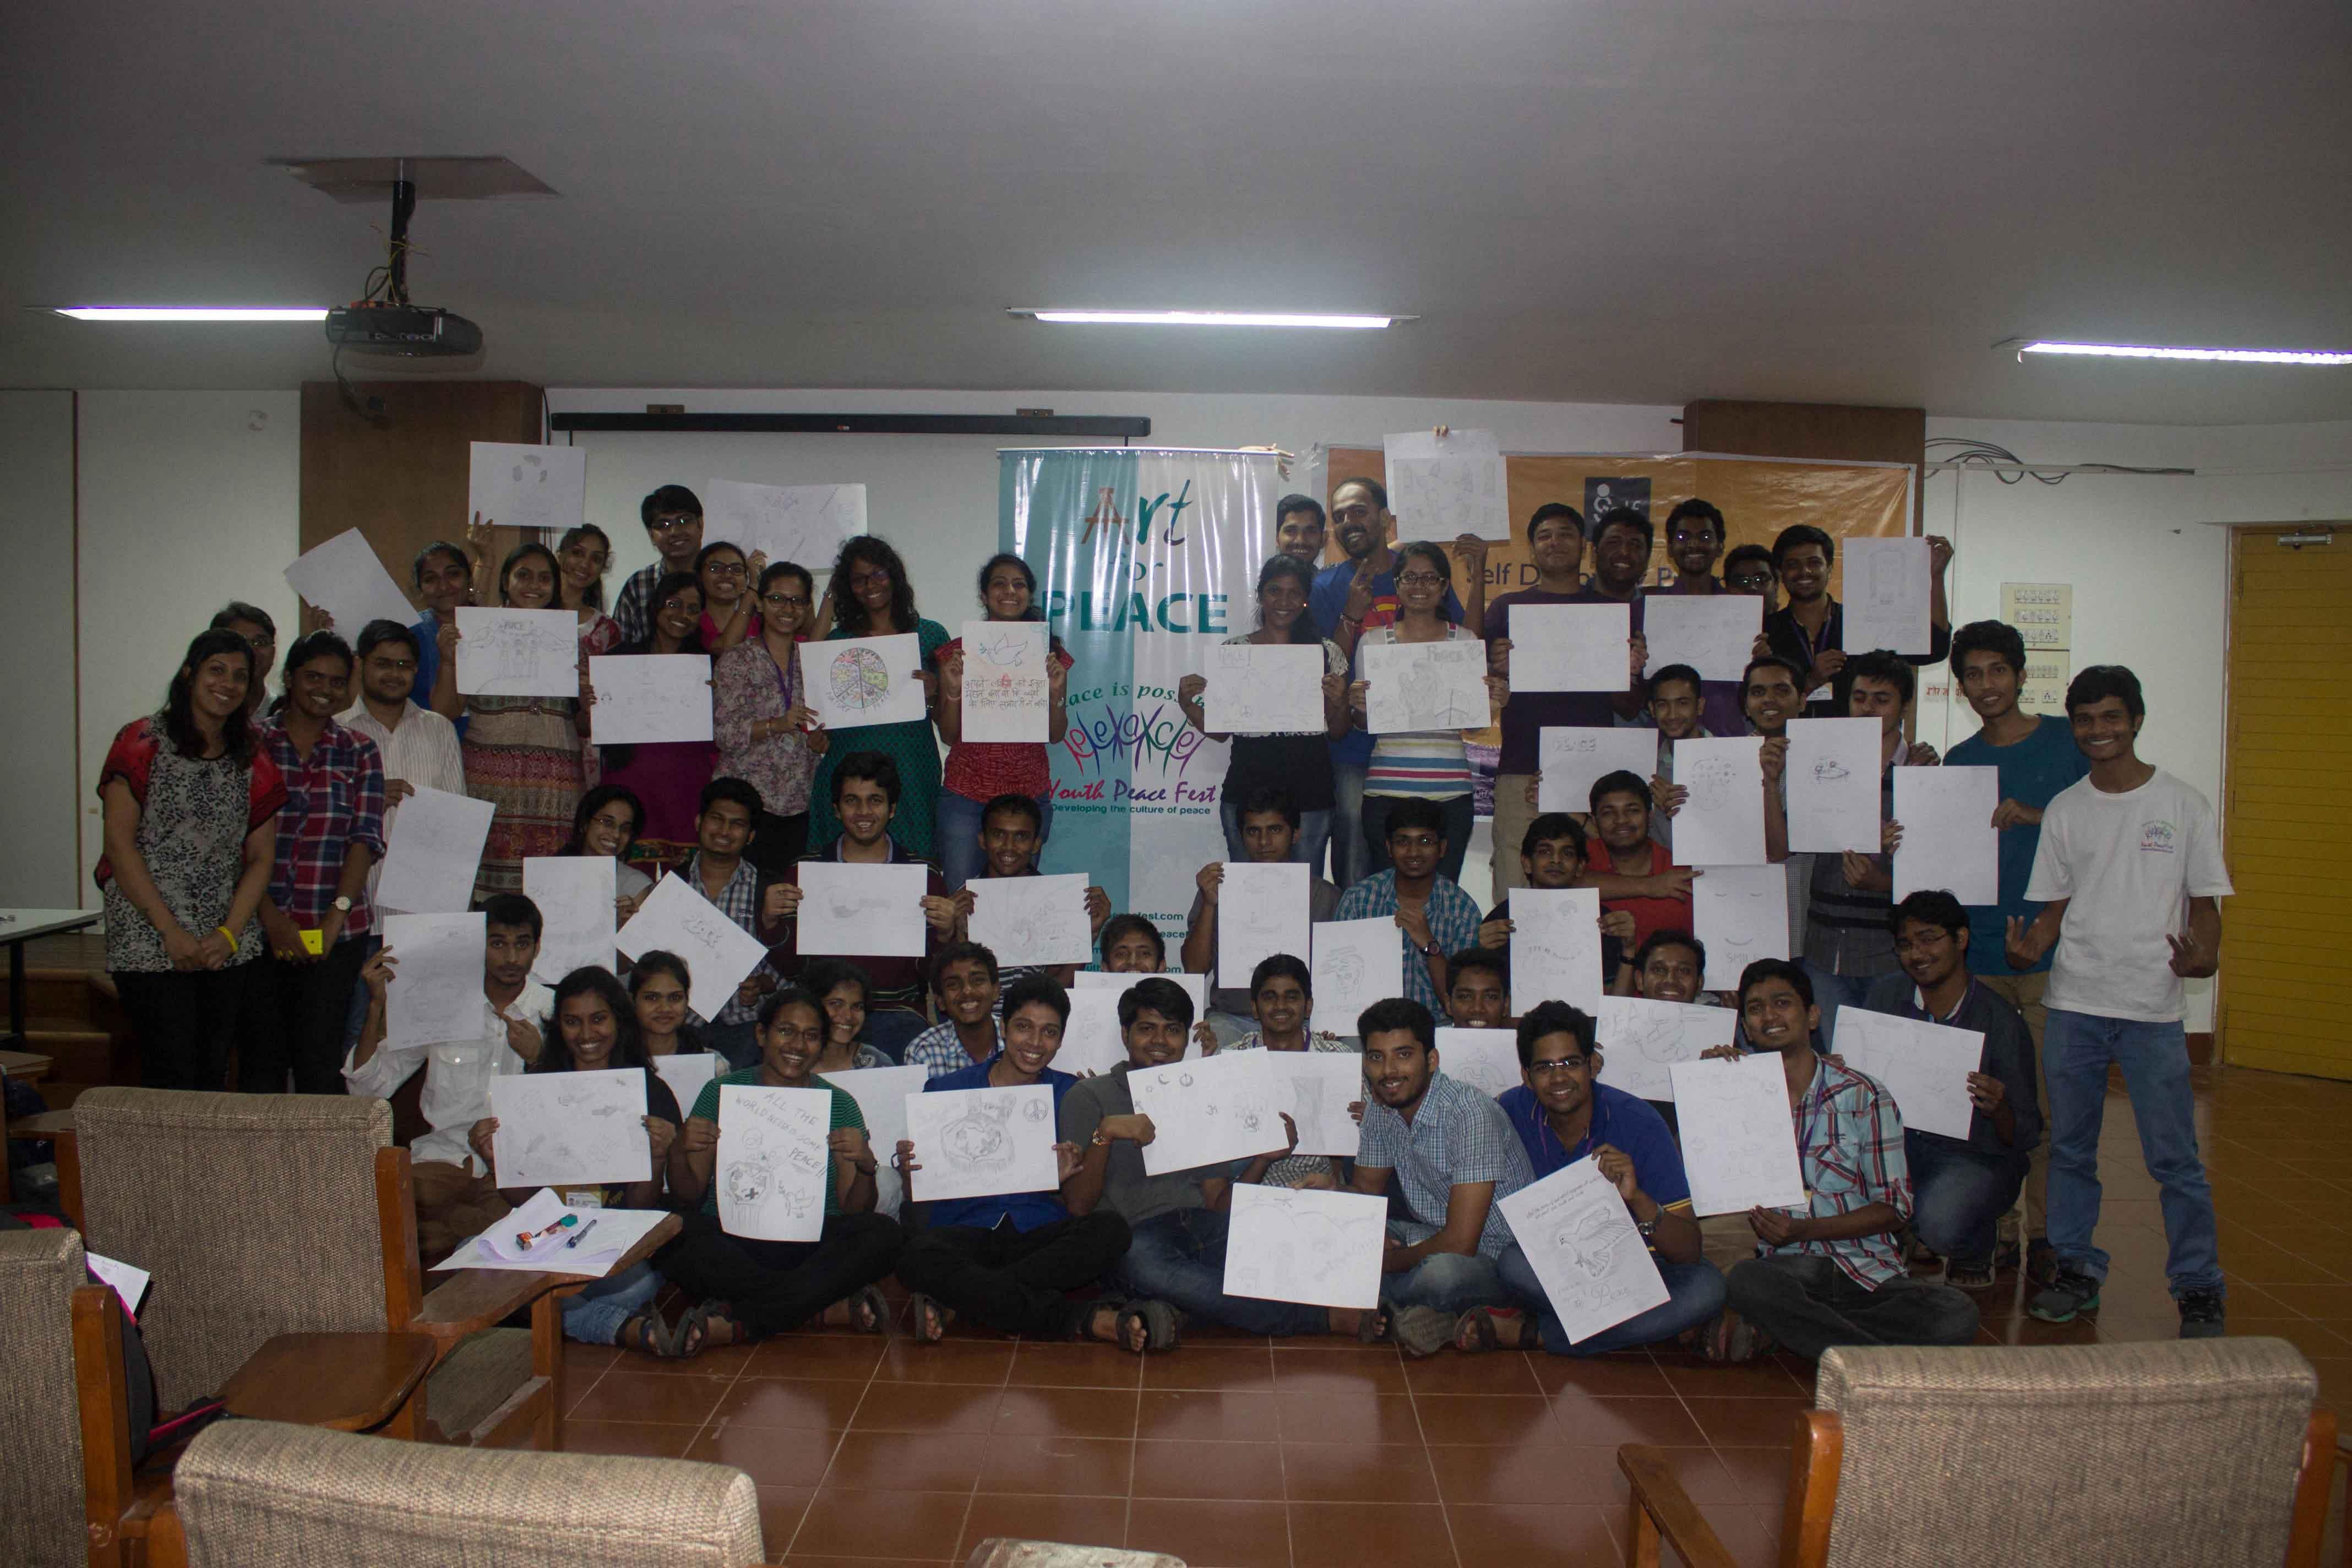 Bhavan's College, Andheri, Mumbai